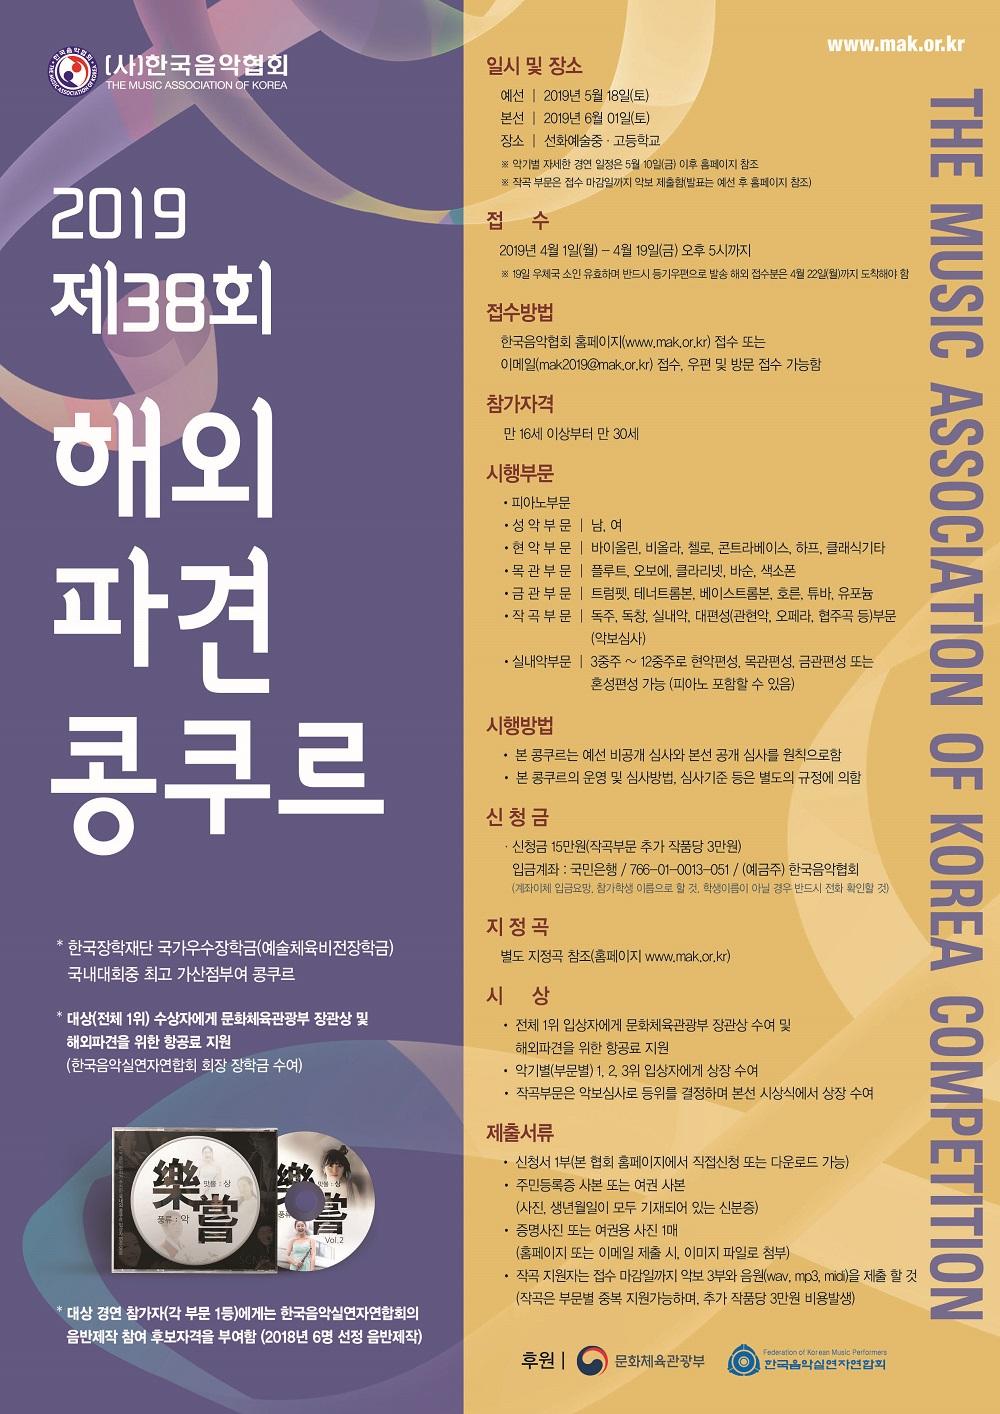 2019 제38회 해외파견콩쿠르 포스터.jpg